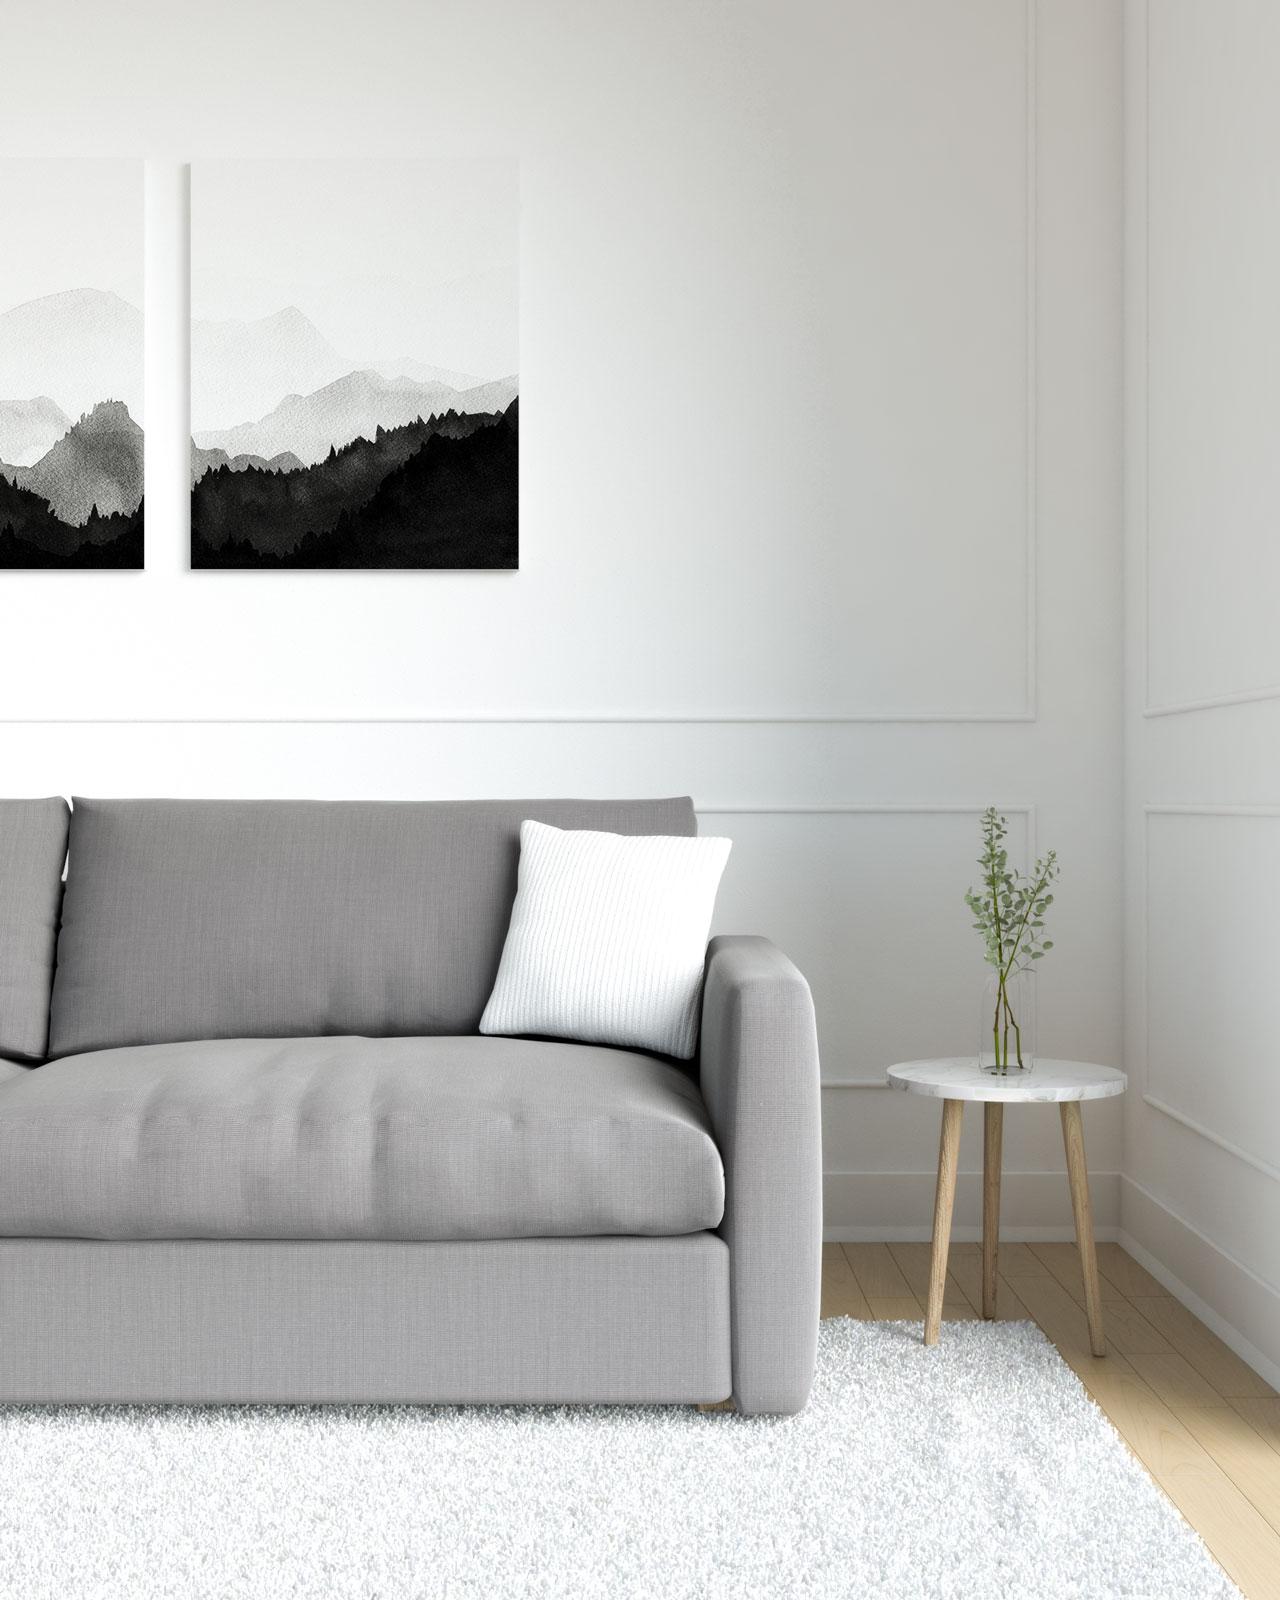 White pillow on grey sofa